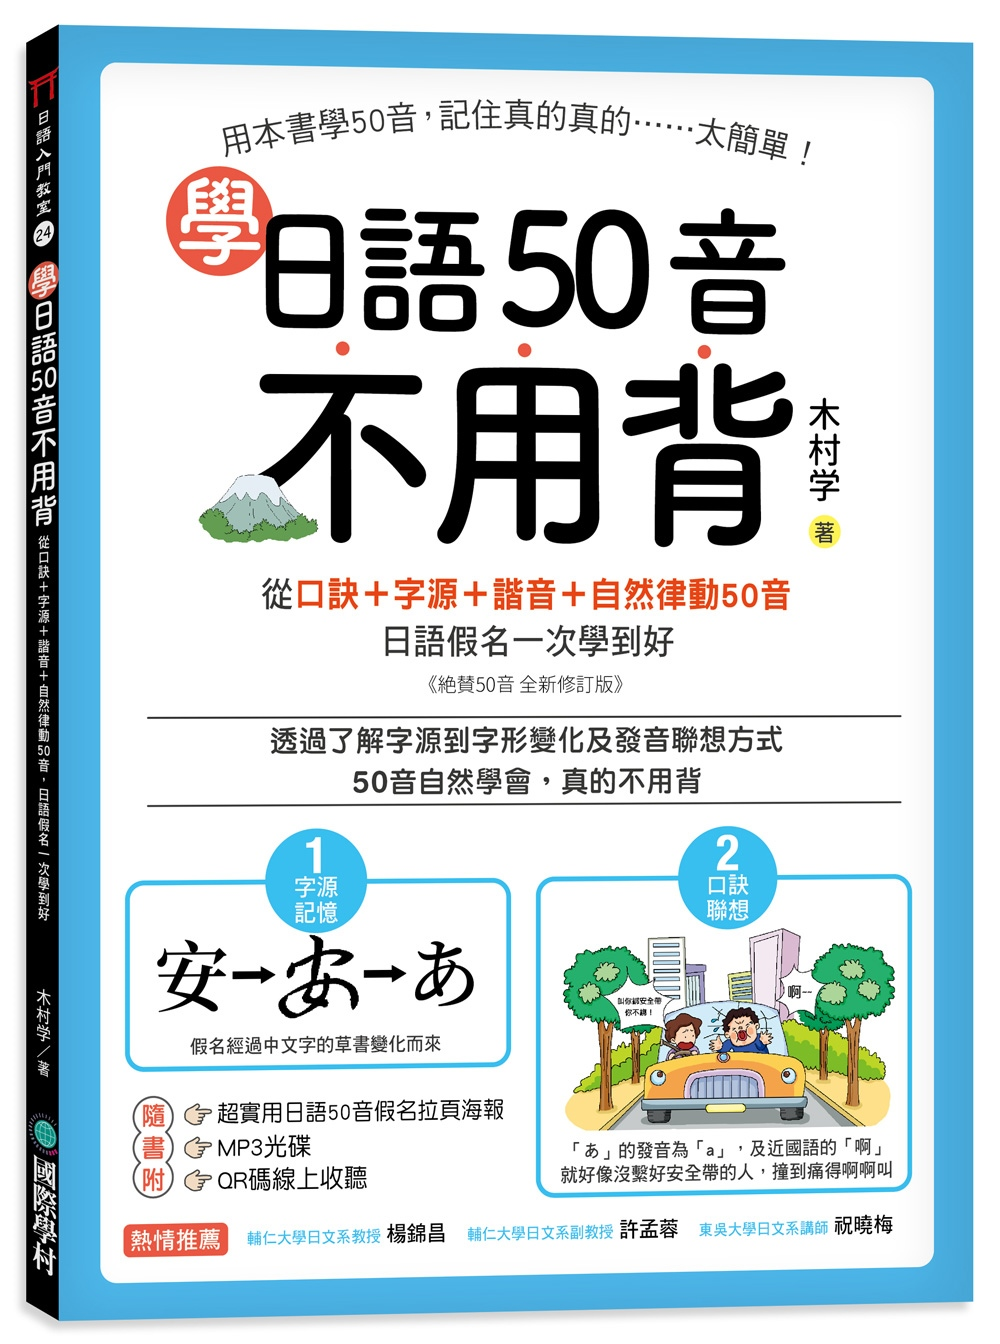 學日語50音不用背:口訣+字源+諧音+自然律動50音,日語假名一次學到好 【附50音拉頁、MP3光碟、QR碼線上音檔】